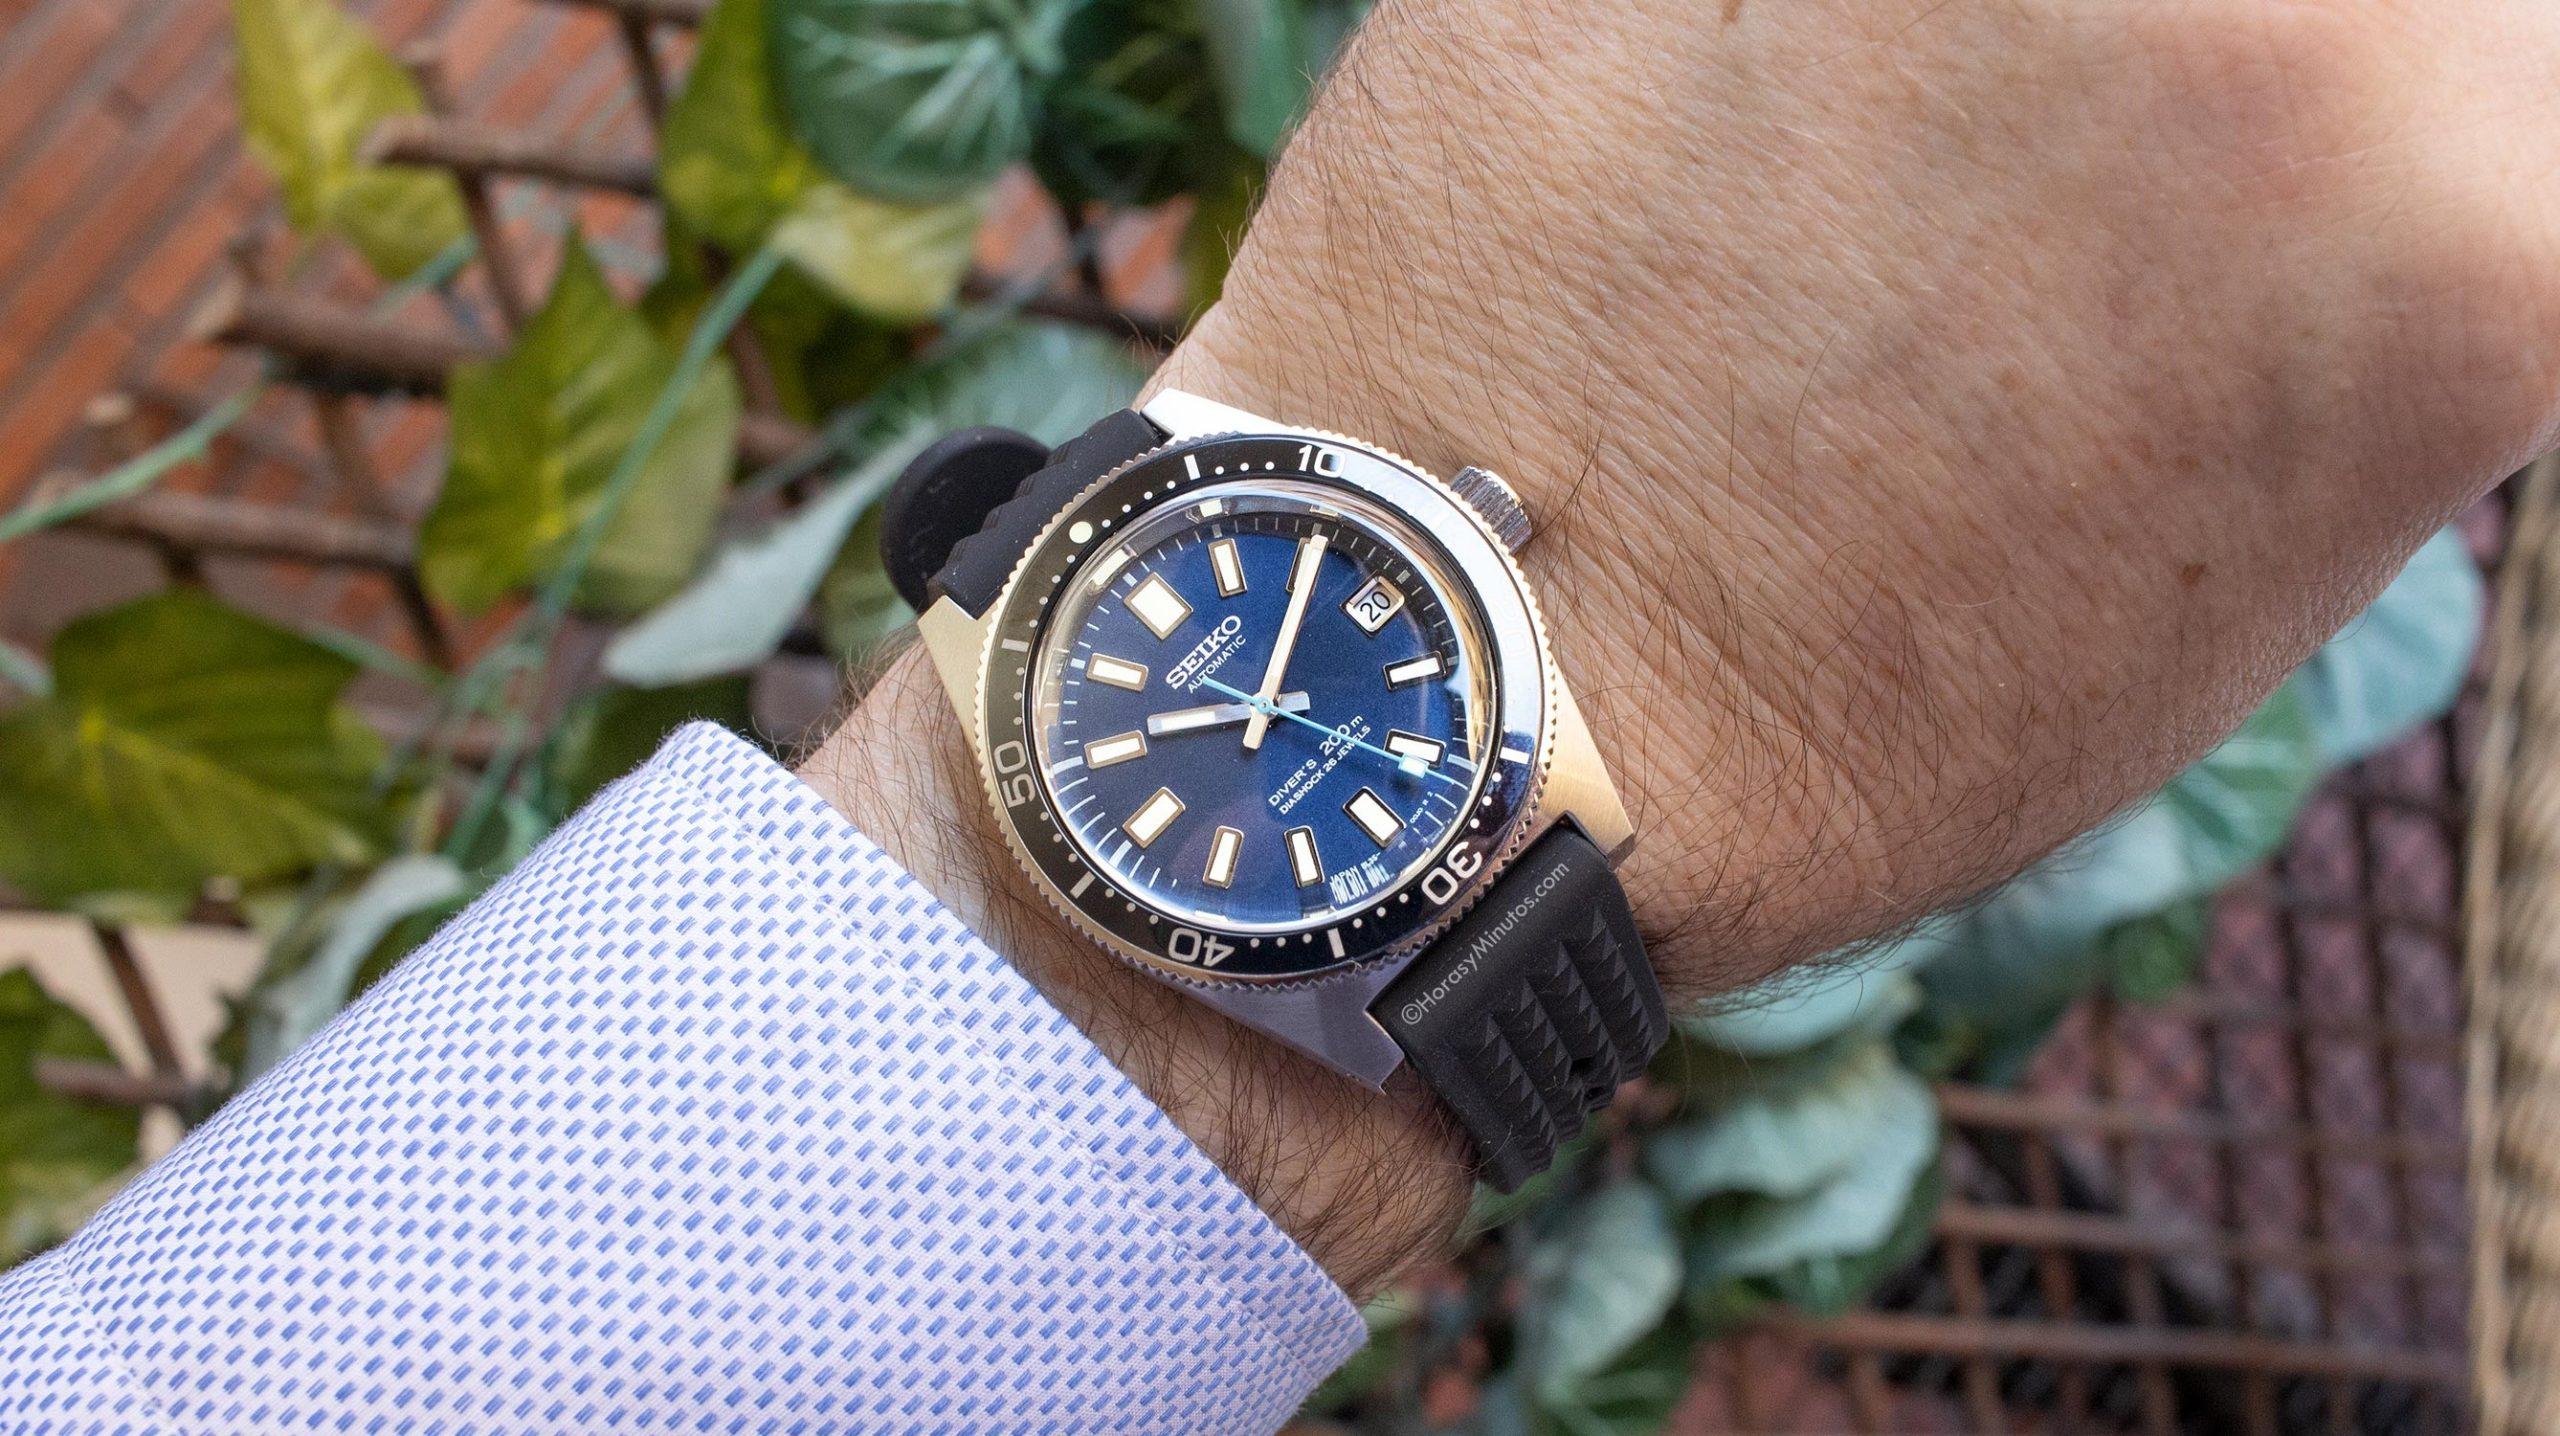 Así queda el Seiko Prospex Diver 55 Aniversario SLA043J1